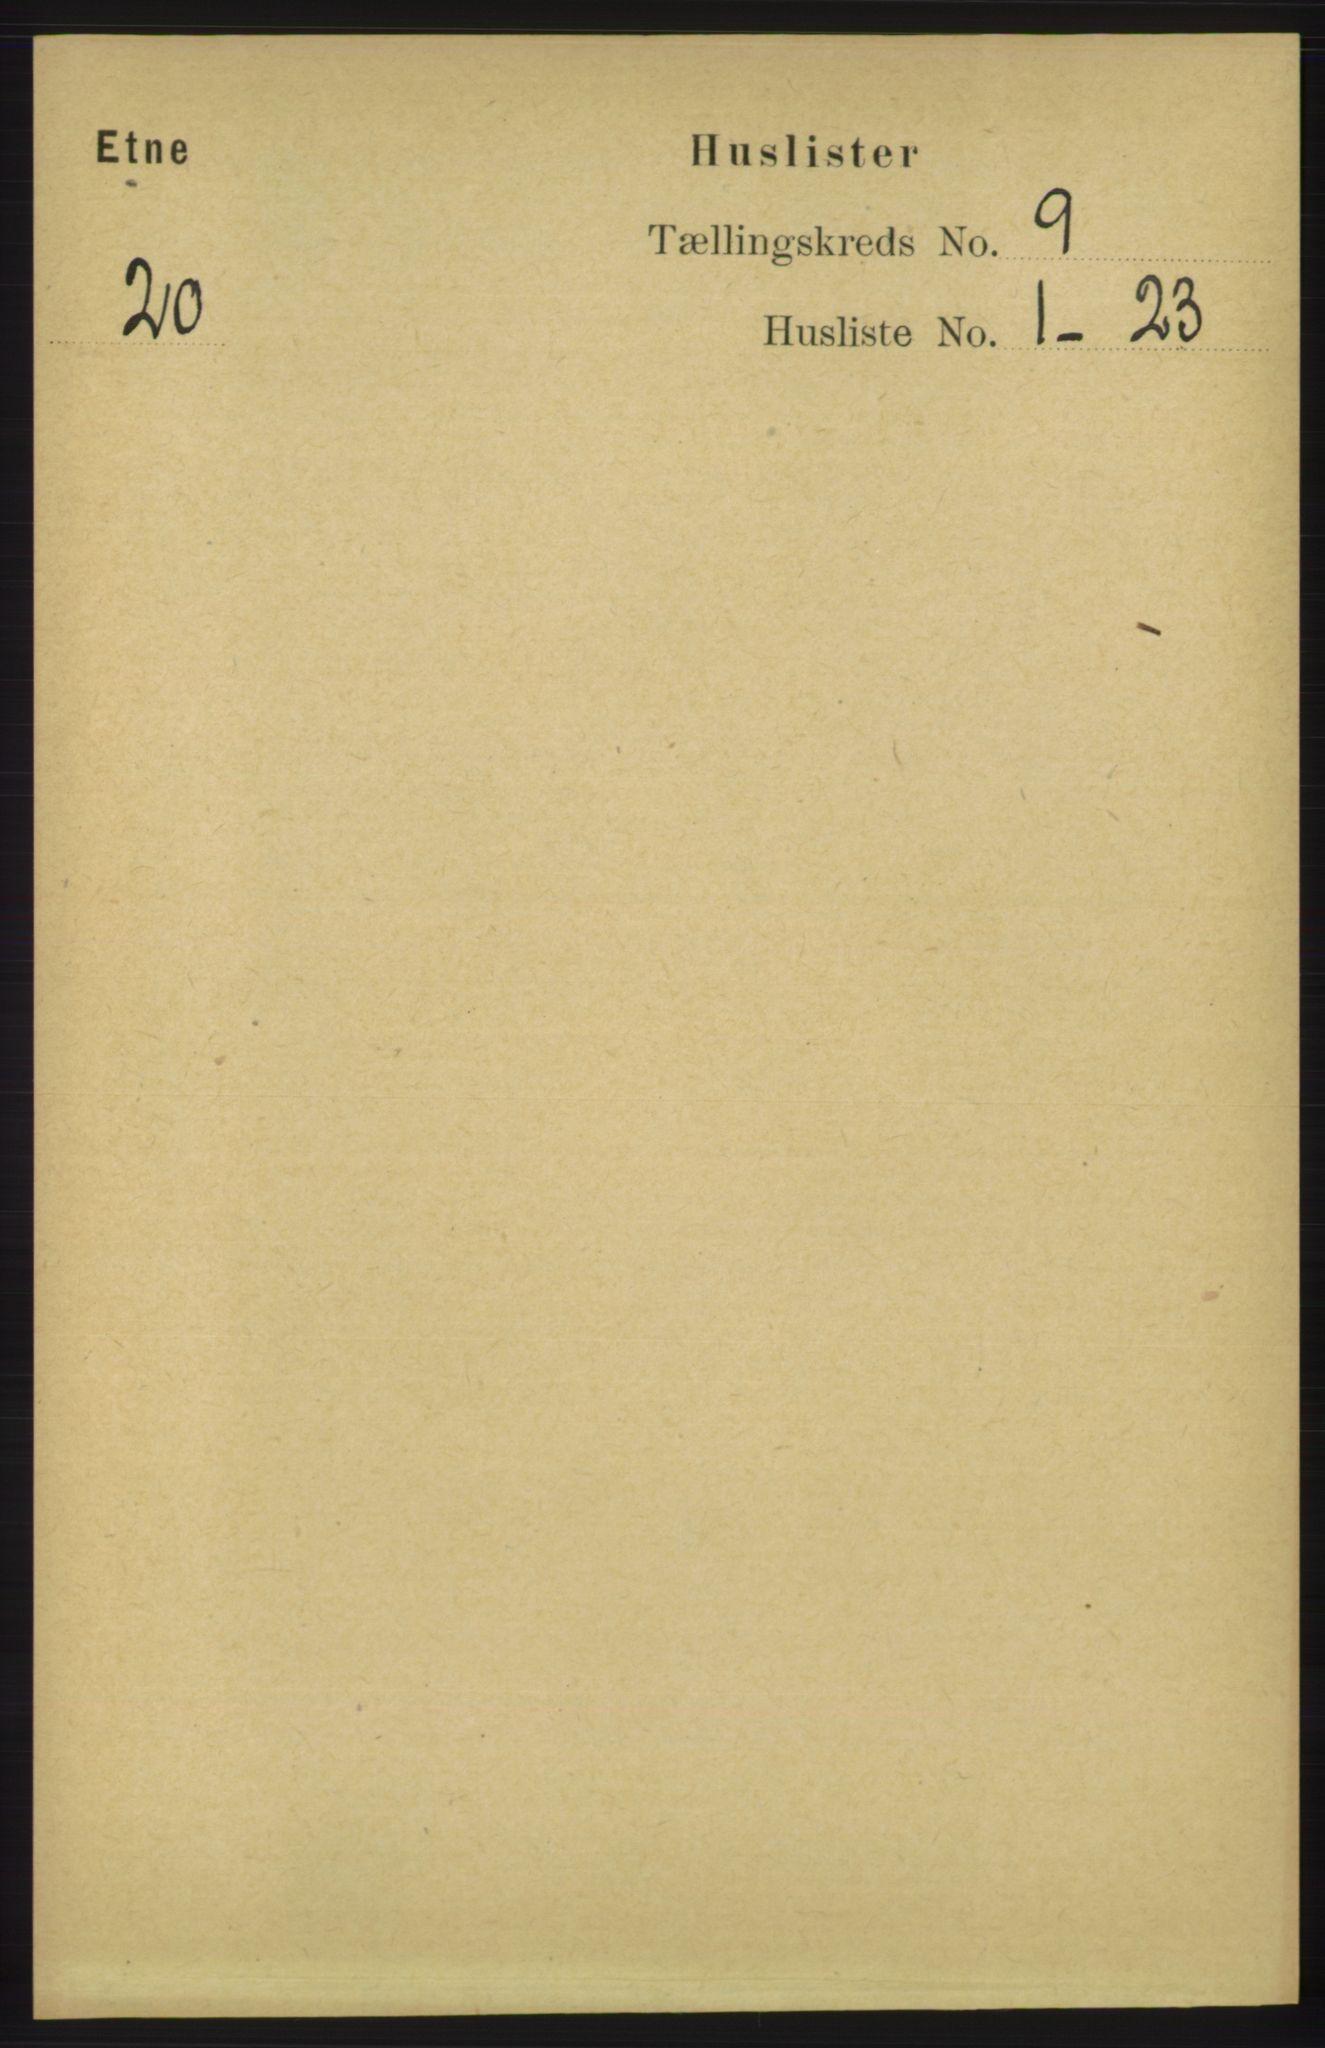 RA, Folketelling 1891 for 1211 Etne herred, 1891, s. 1689